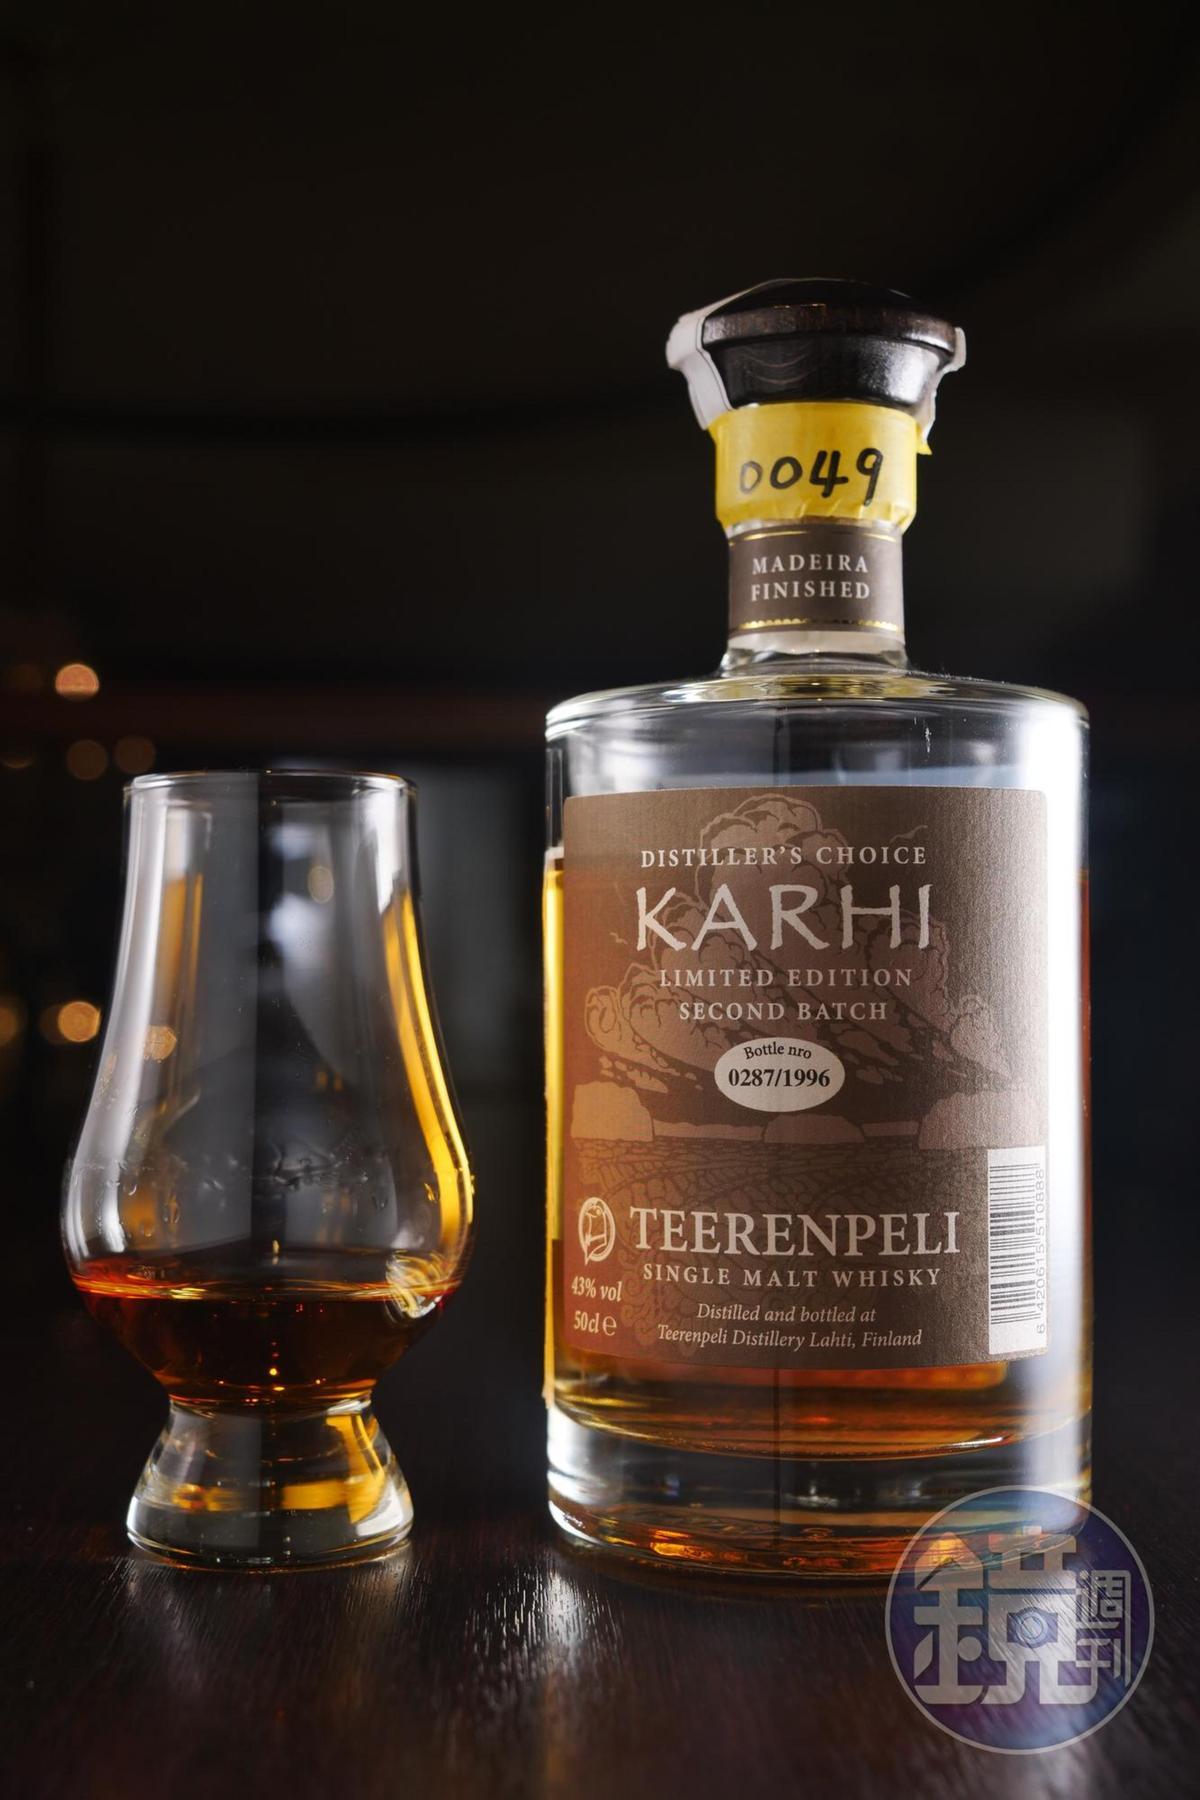 來自耶誕老人故鄉芬蘭的「泰倫貝利單一麥芽威士忌馬德拉桶」。(500元/單杯、30ml)